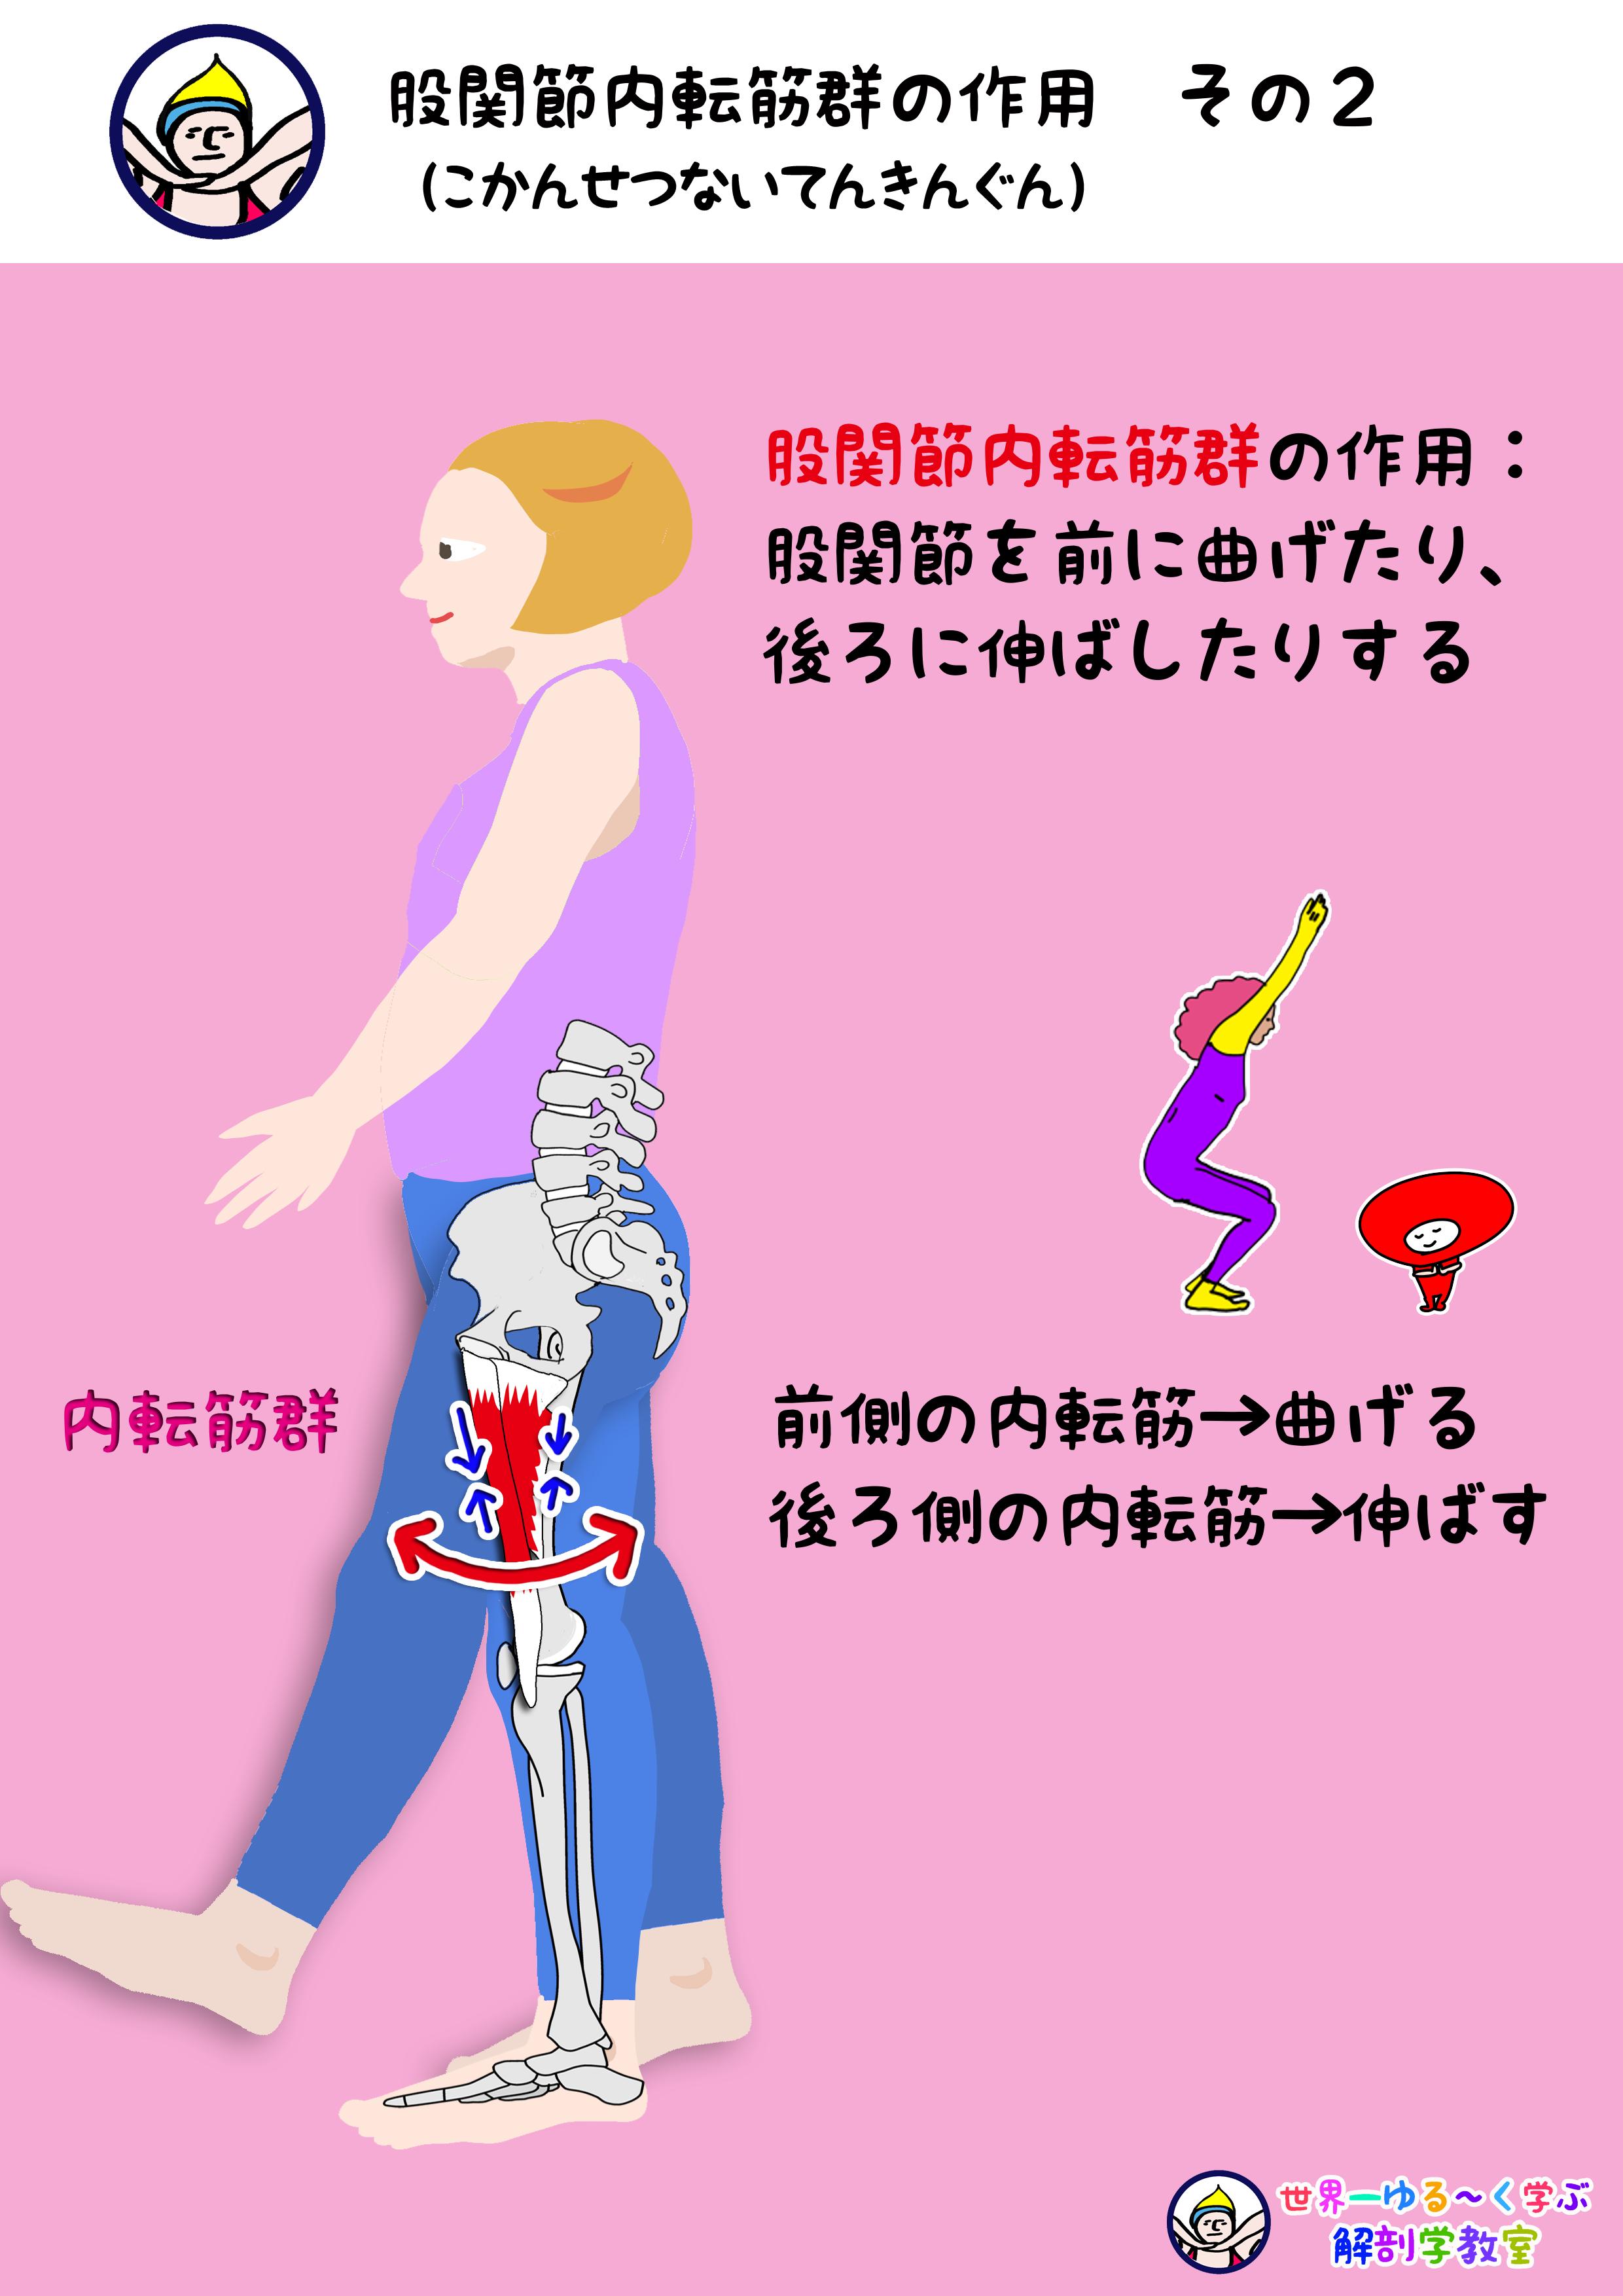 内転筋群の作用 その2